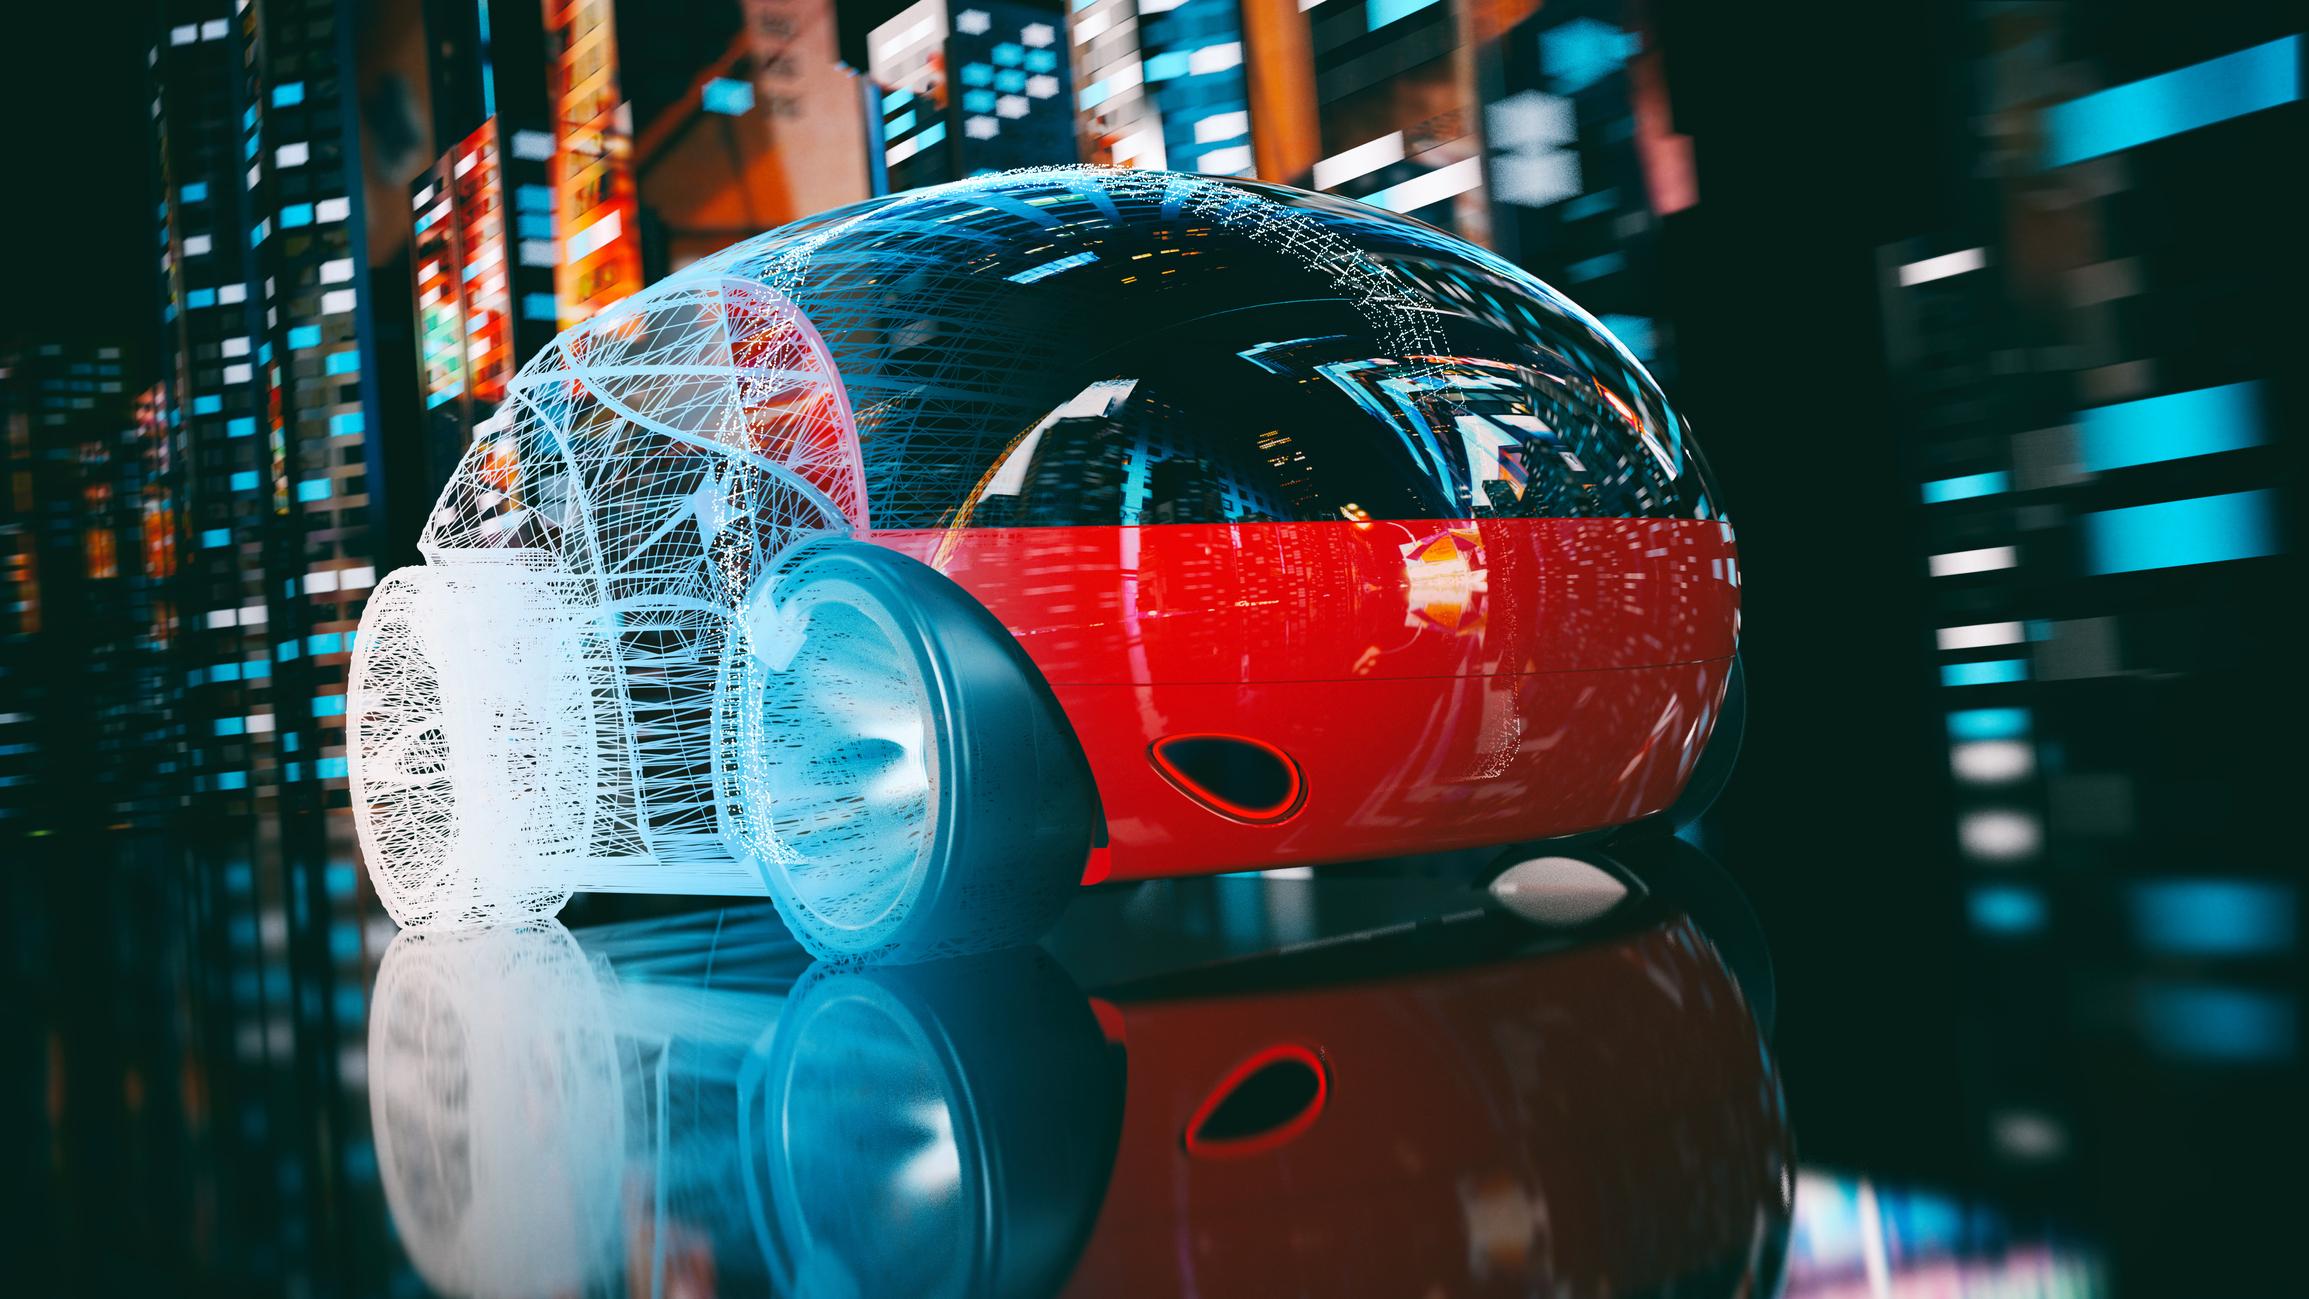 Concept art for a pod-like autonomous vehicle.